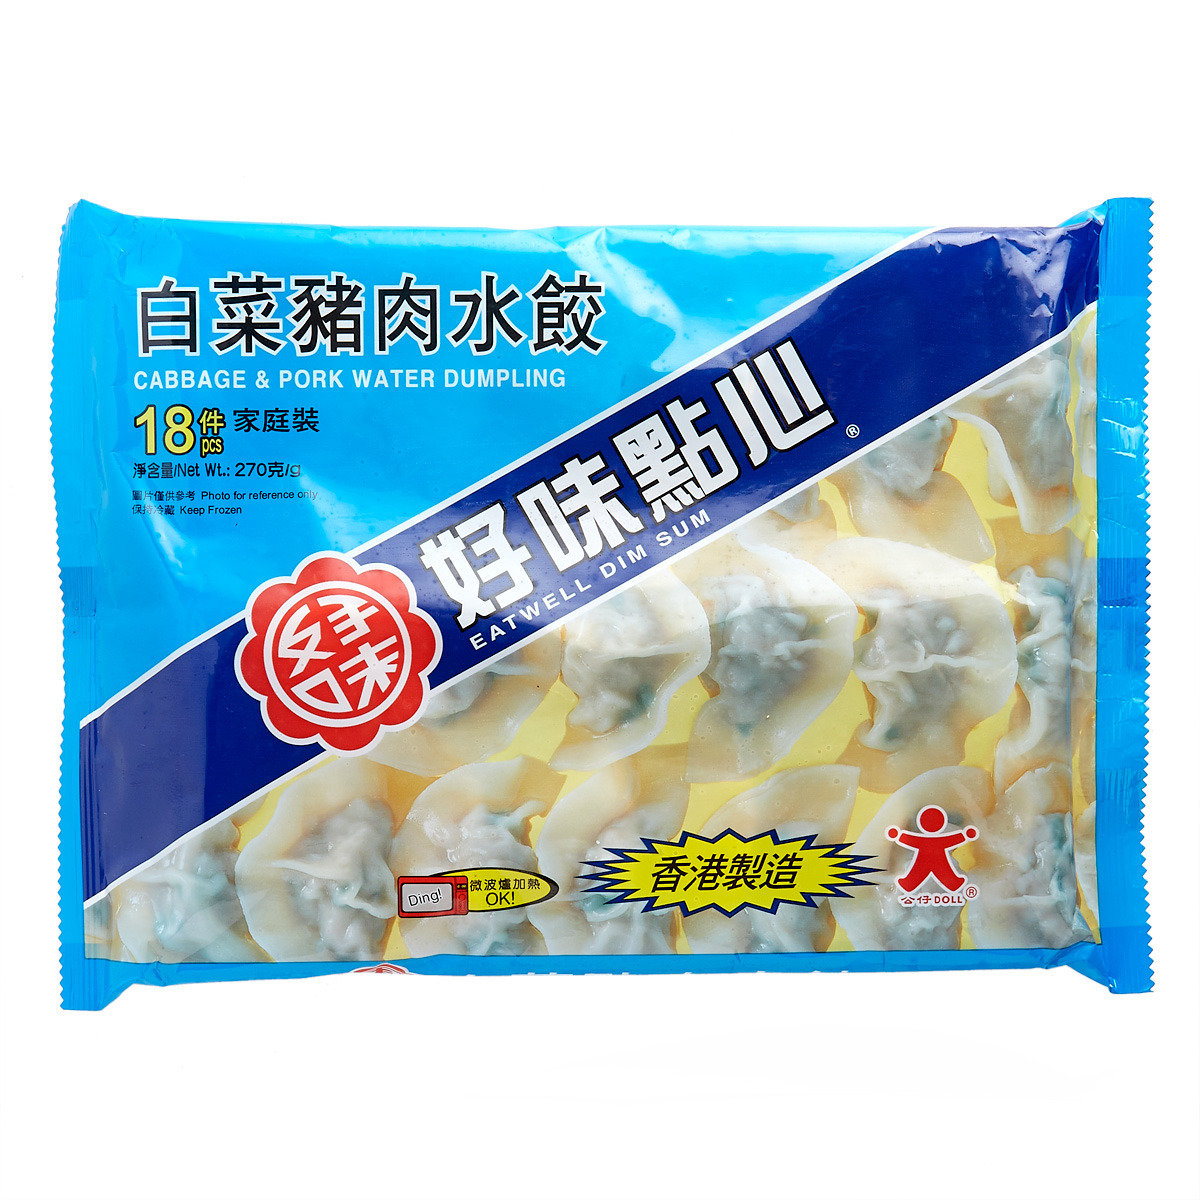 白菜豬肉水餃 (急凍)